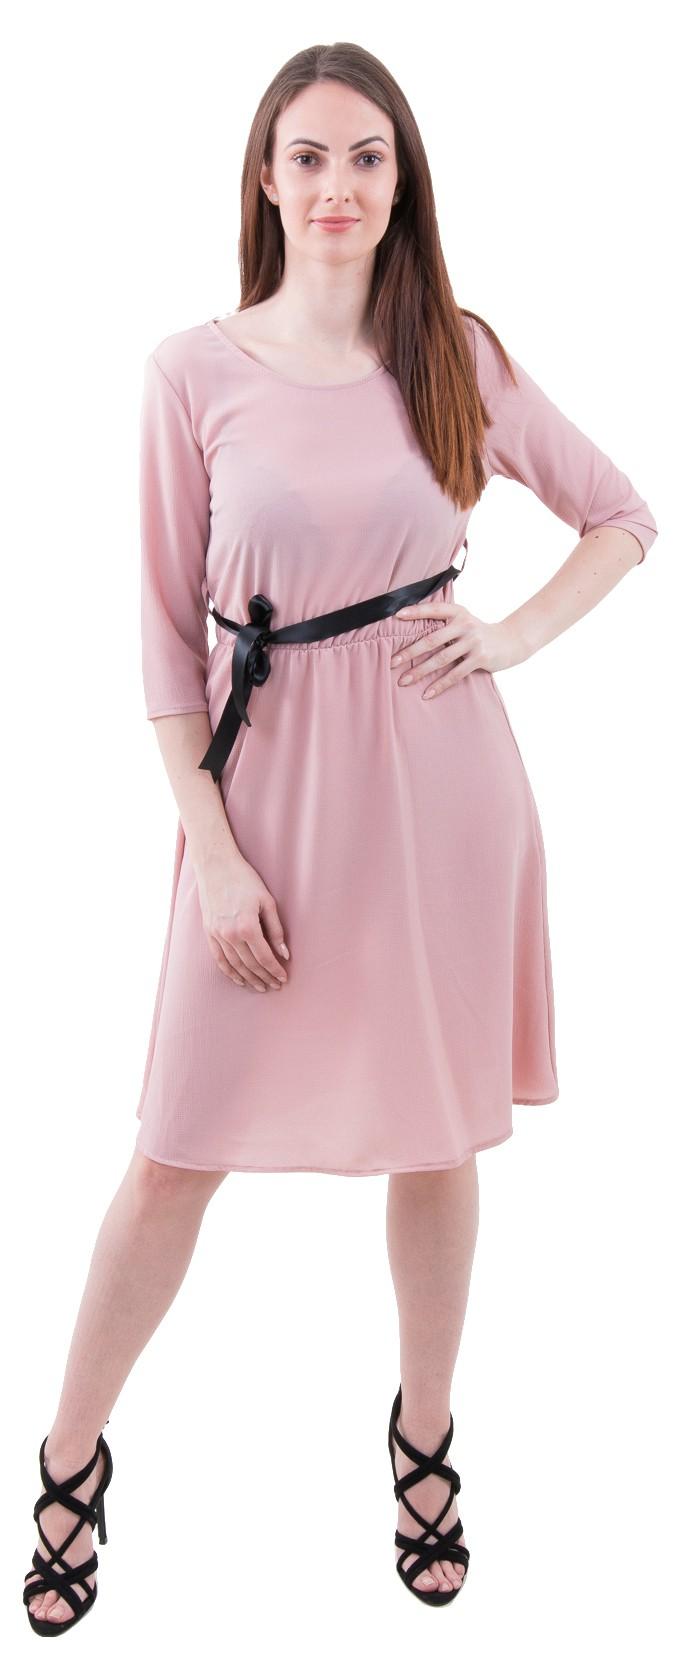 Kleid Reina - rosa, -28%